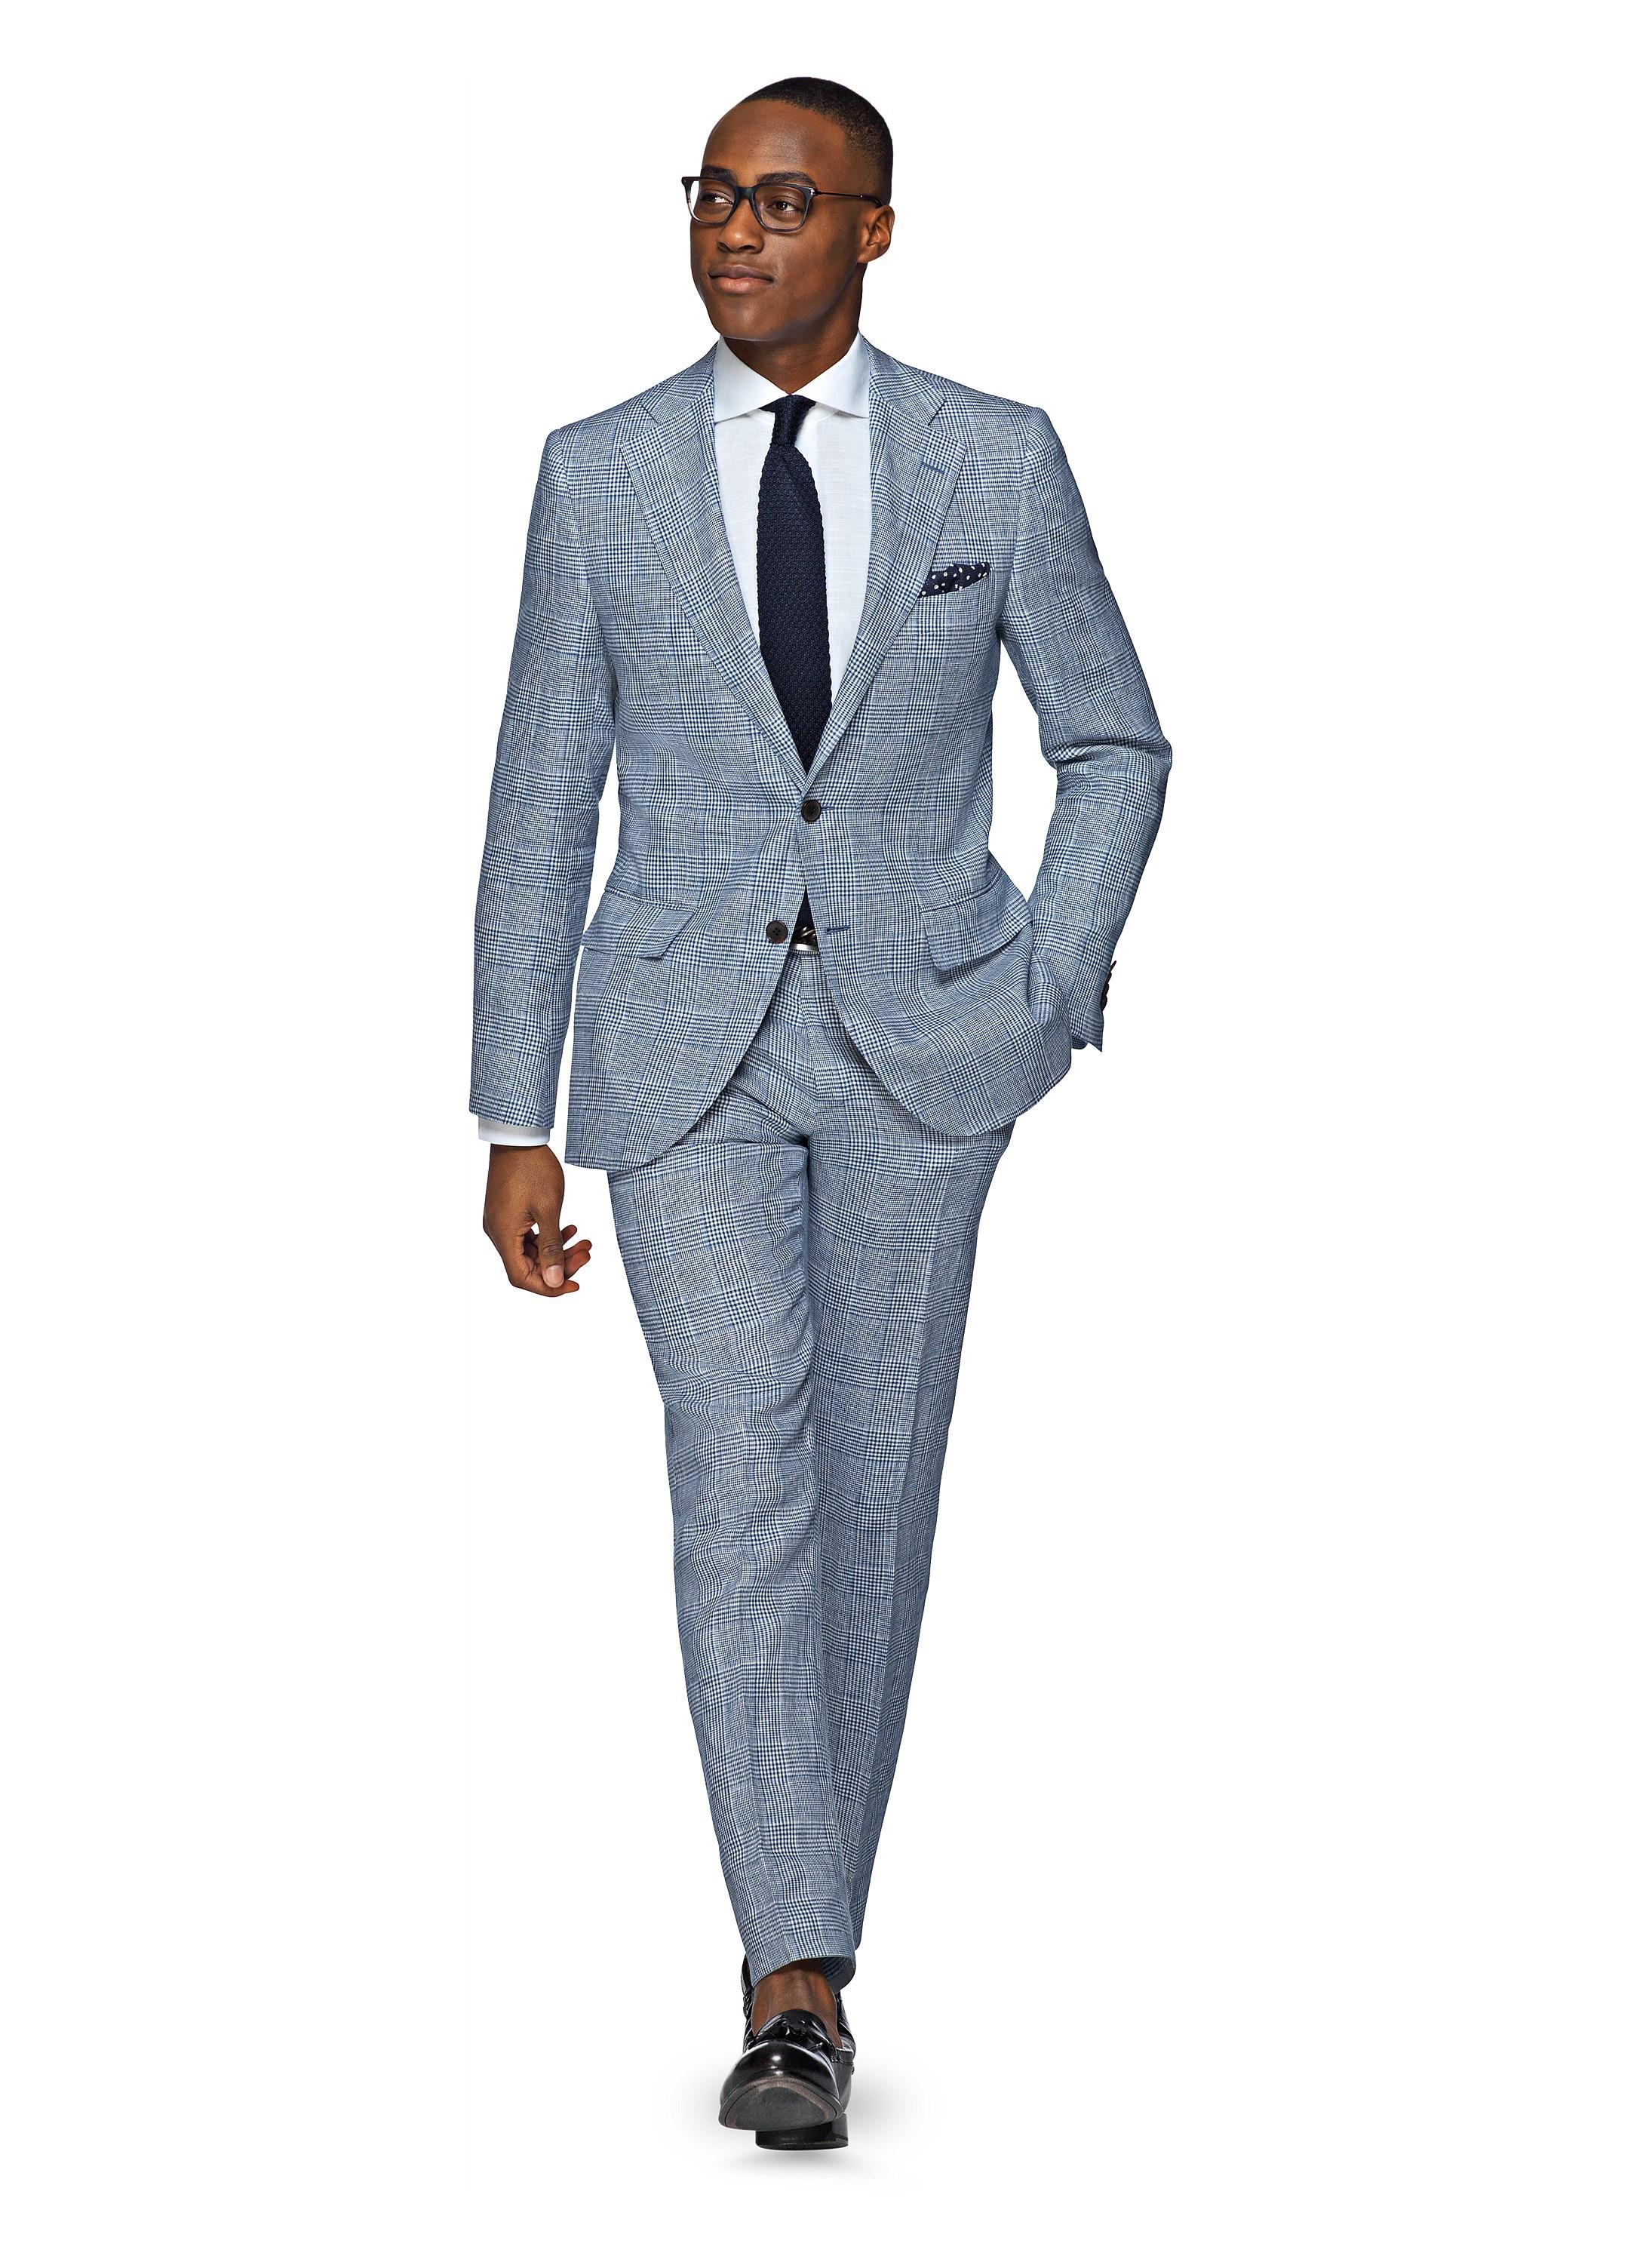 Suit Supply Summer Suit